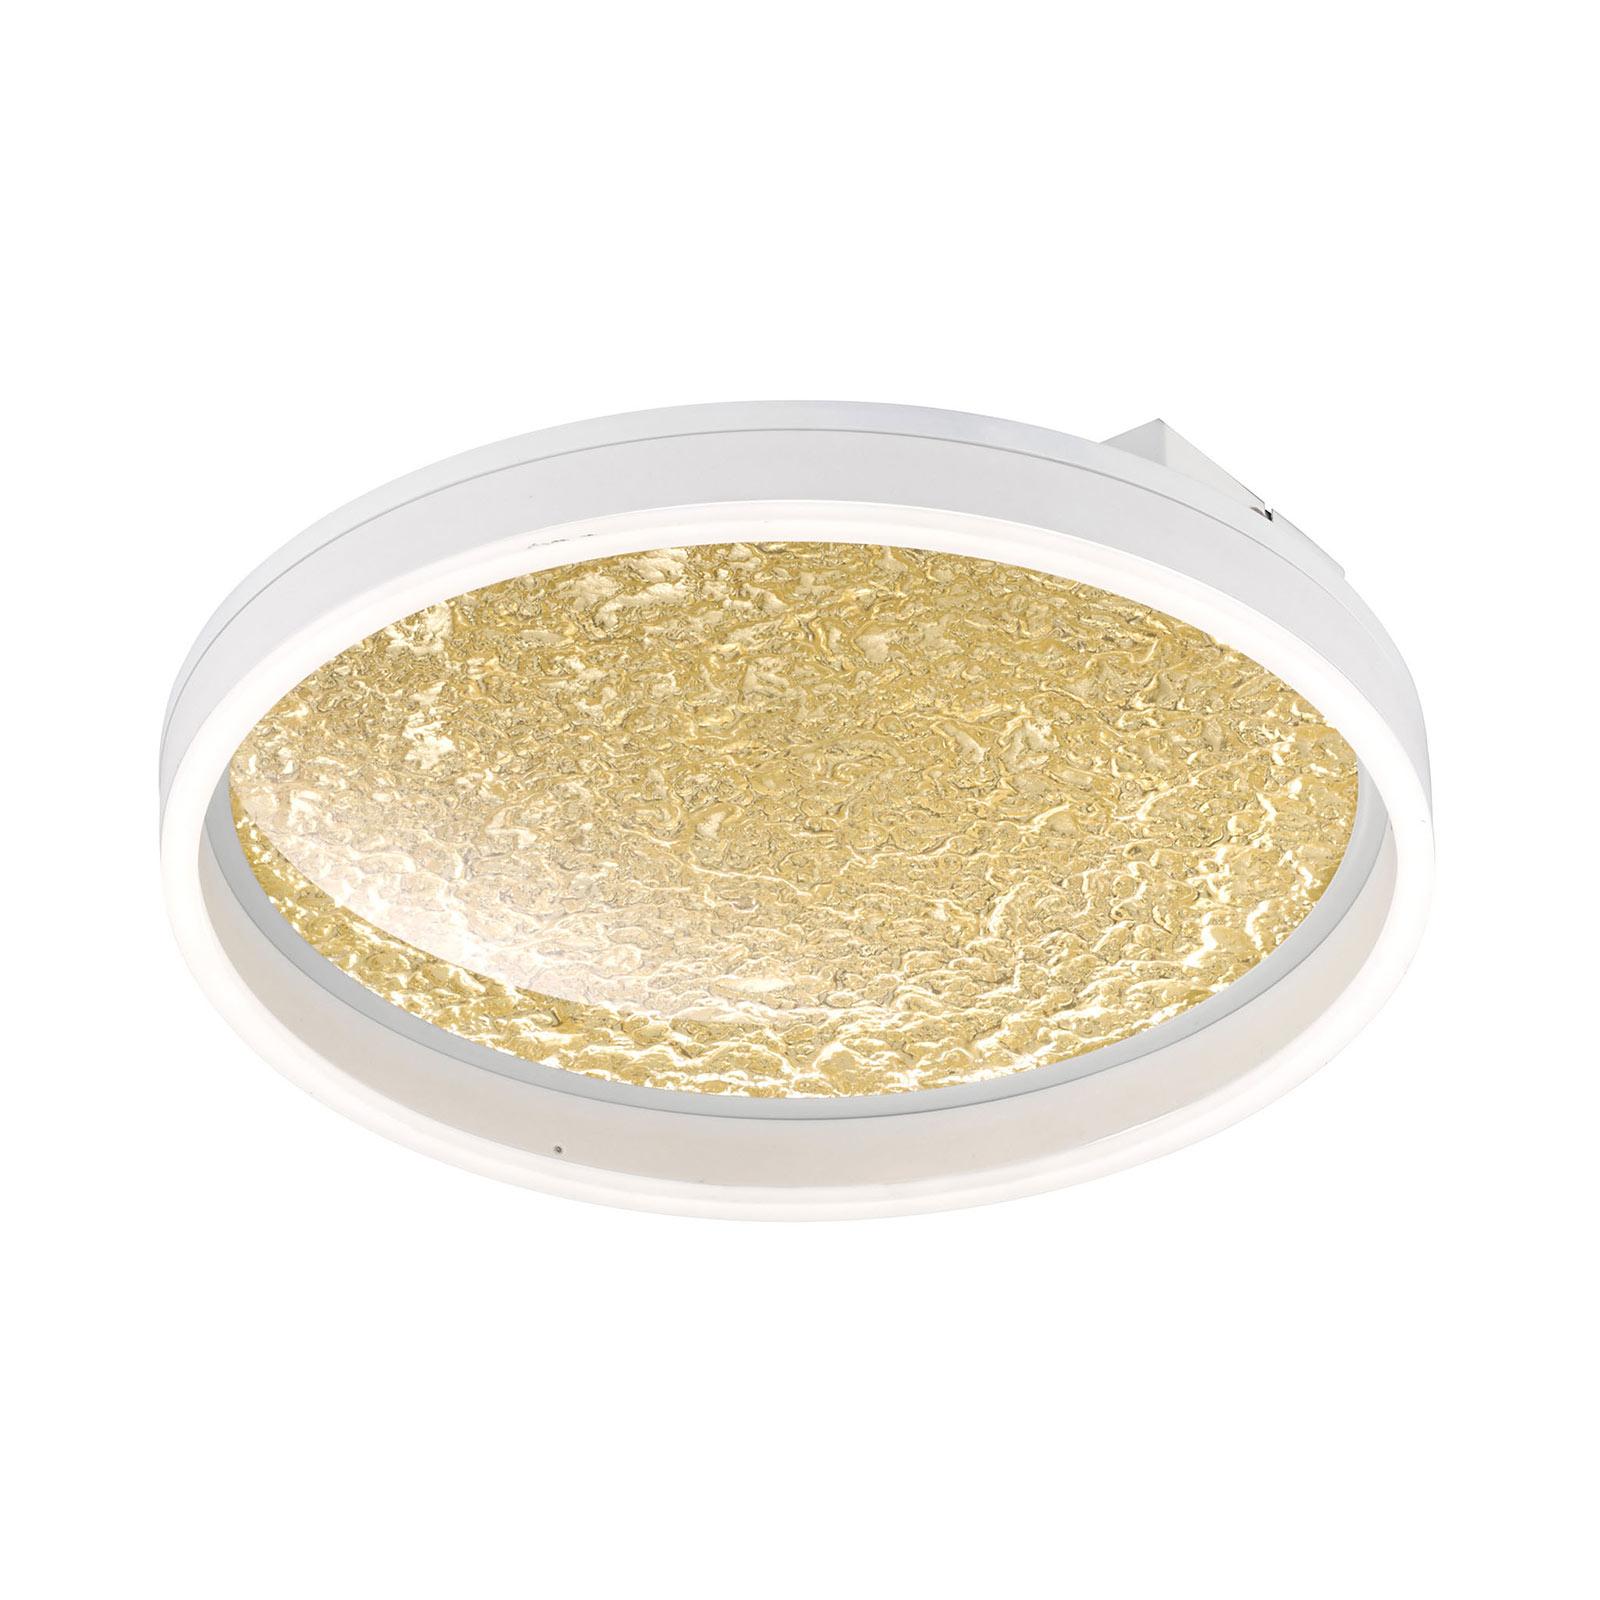 LED-taklampa Bali, dimbar, guld, 40 cm